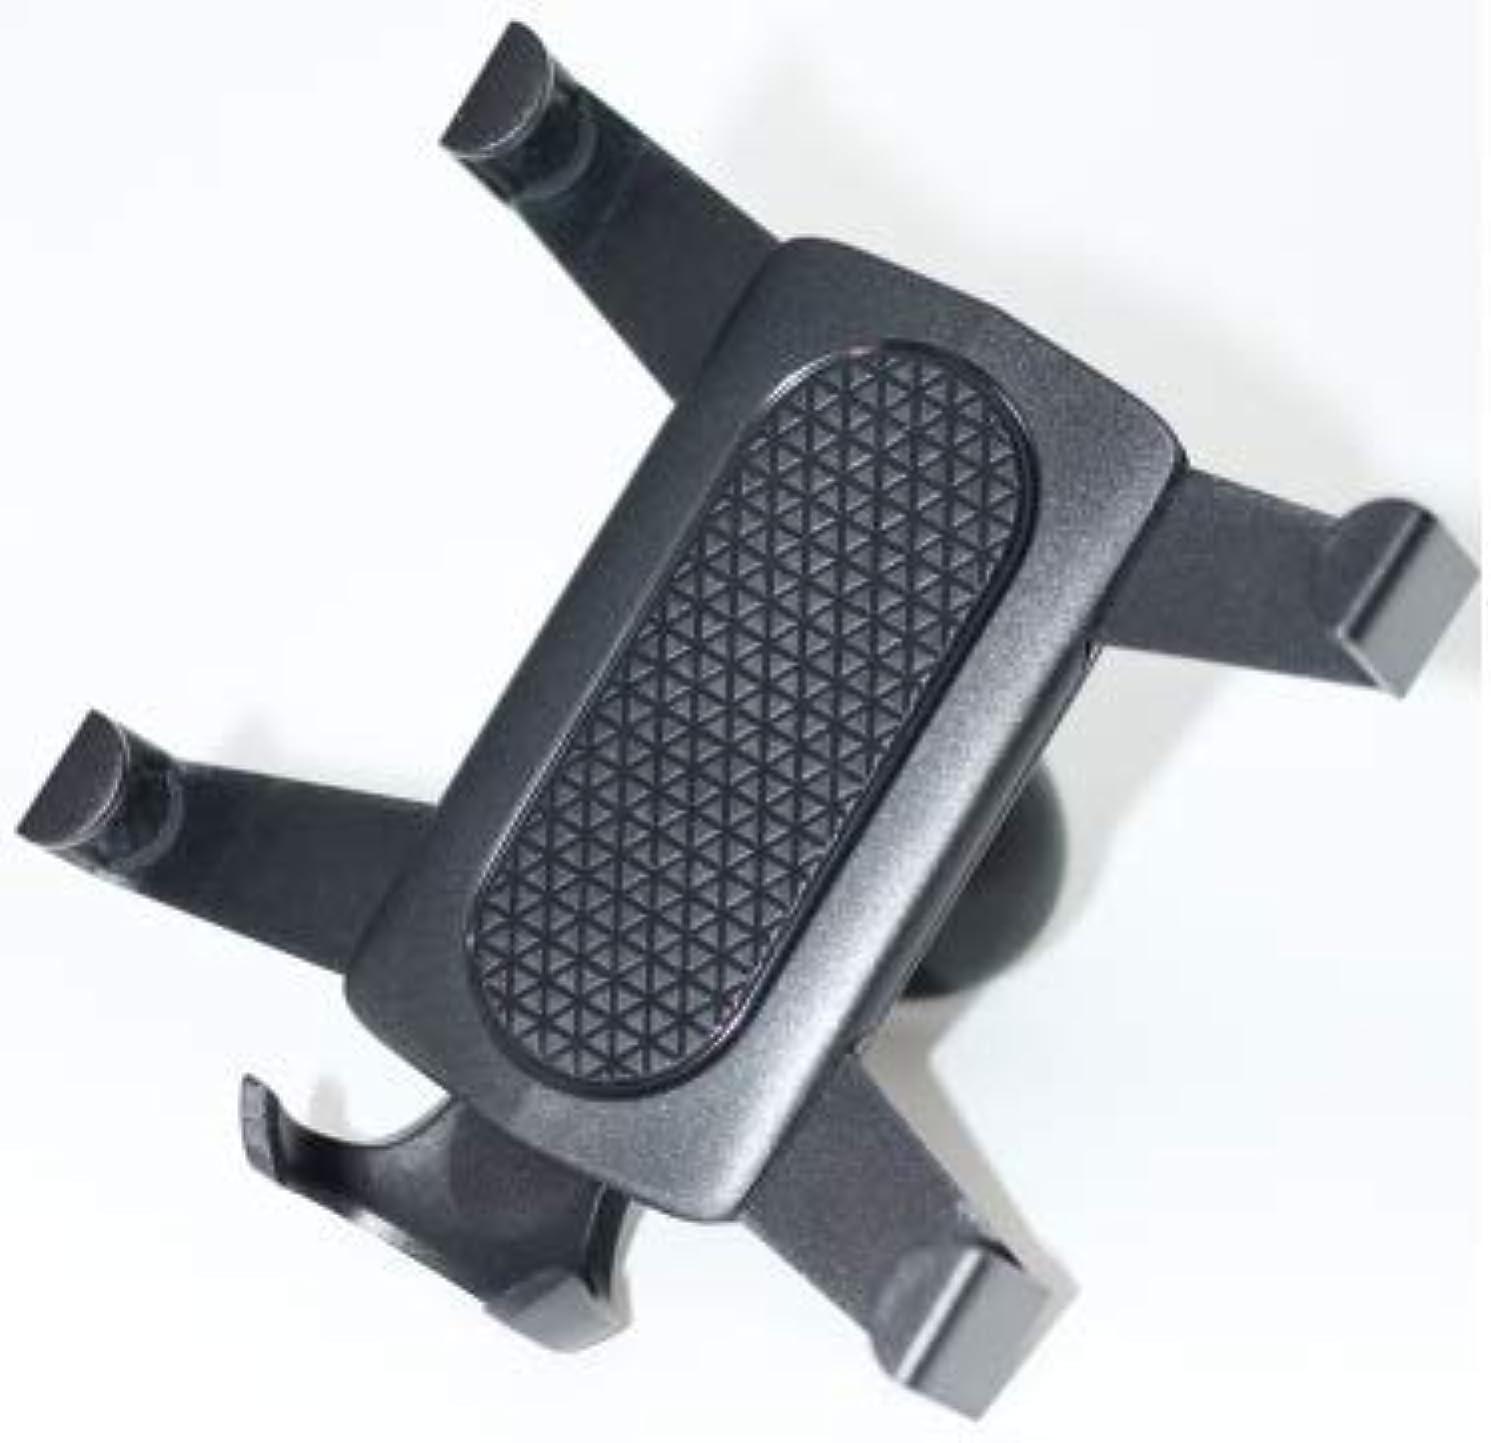 フルート博物館キウイCetengkeji 車の重力携帯電話ブラケット多機能空気出口クリエイティブメタルユニバーサルカーナビゲーションブラケット携帯電話ブラケット